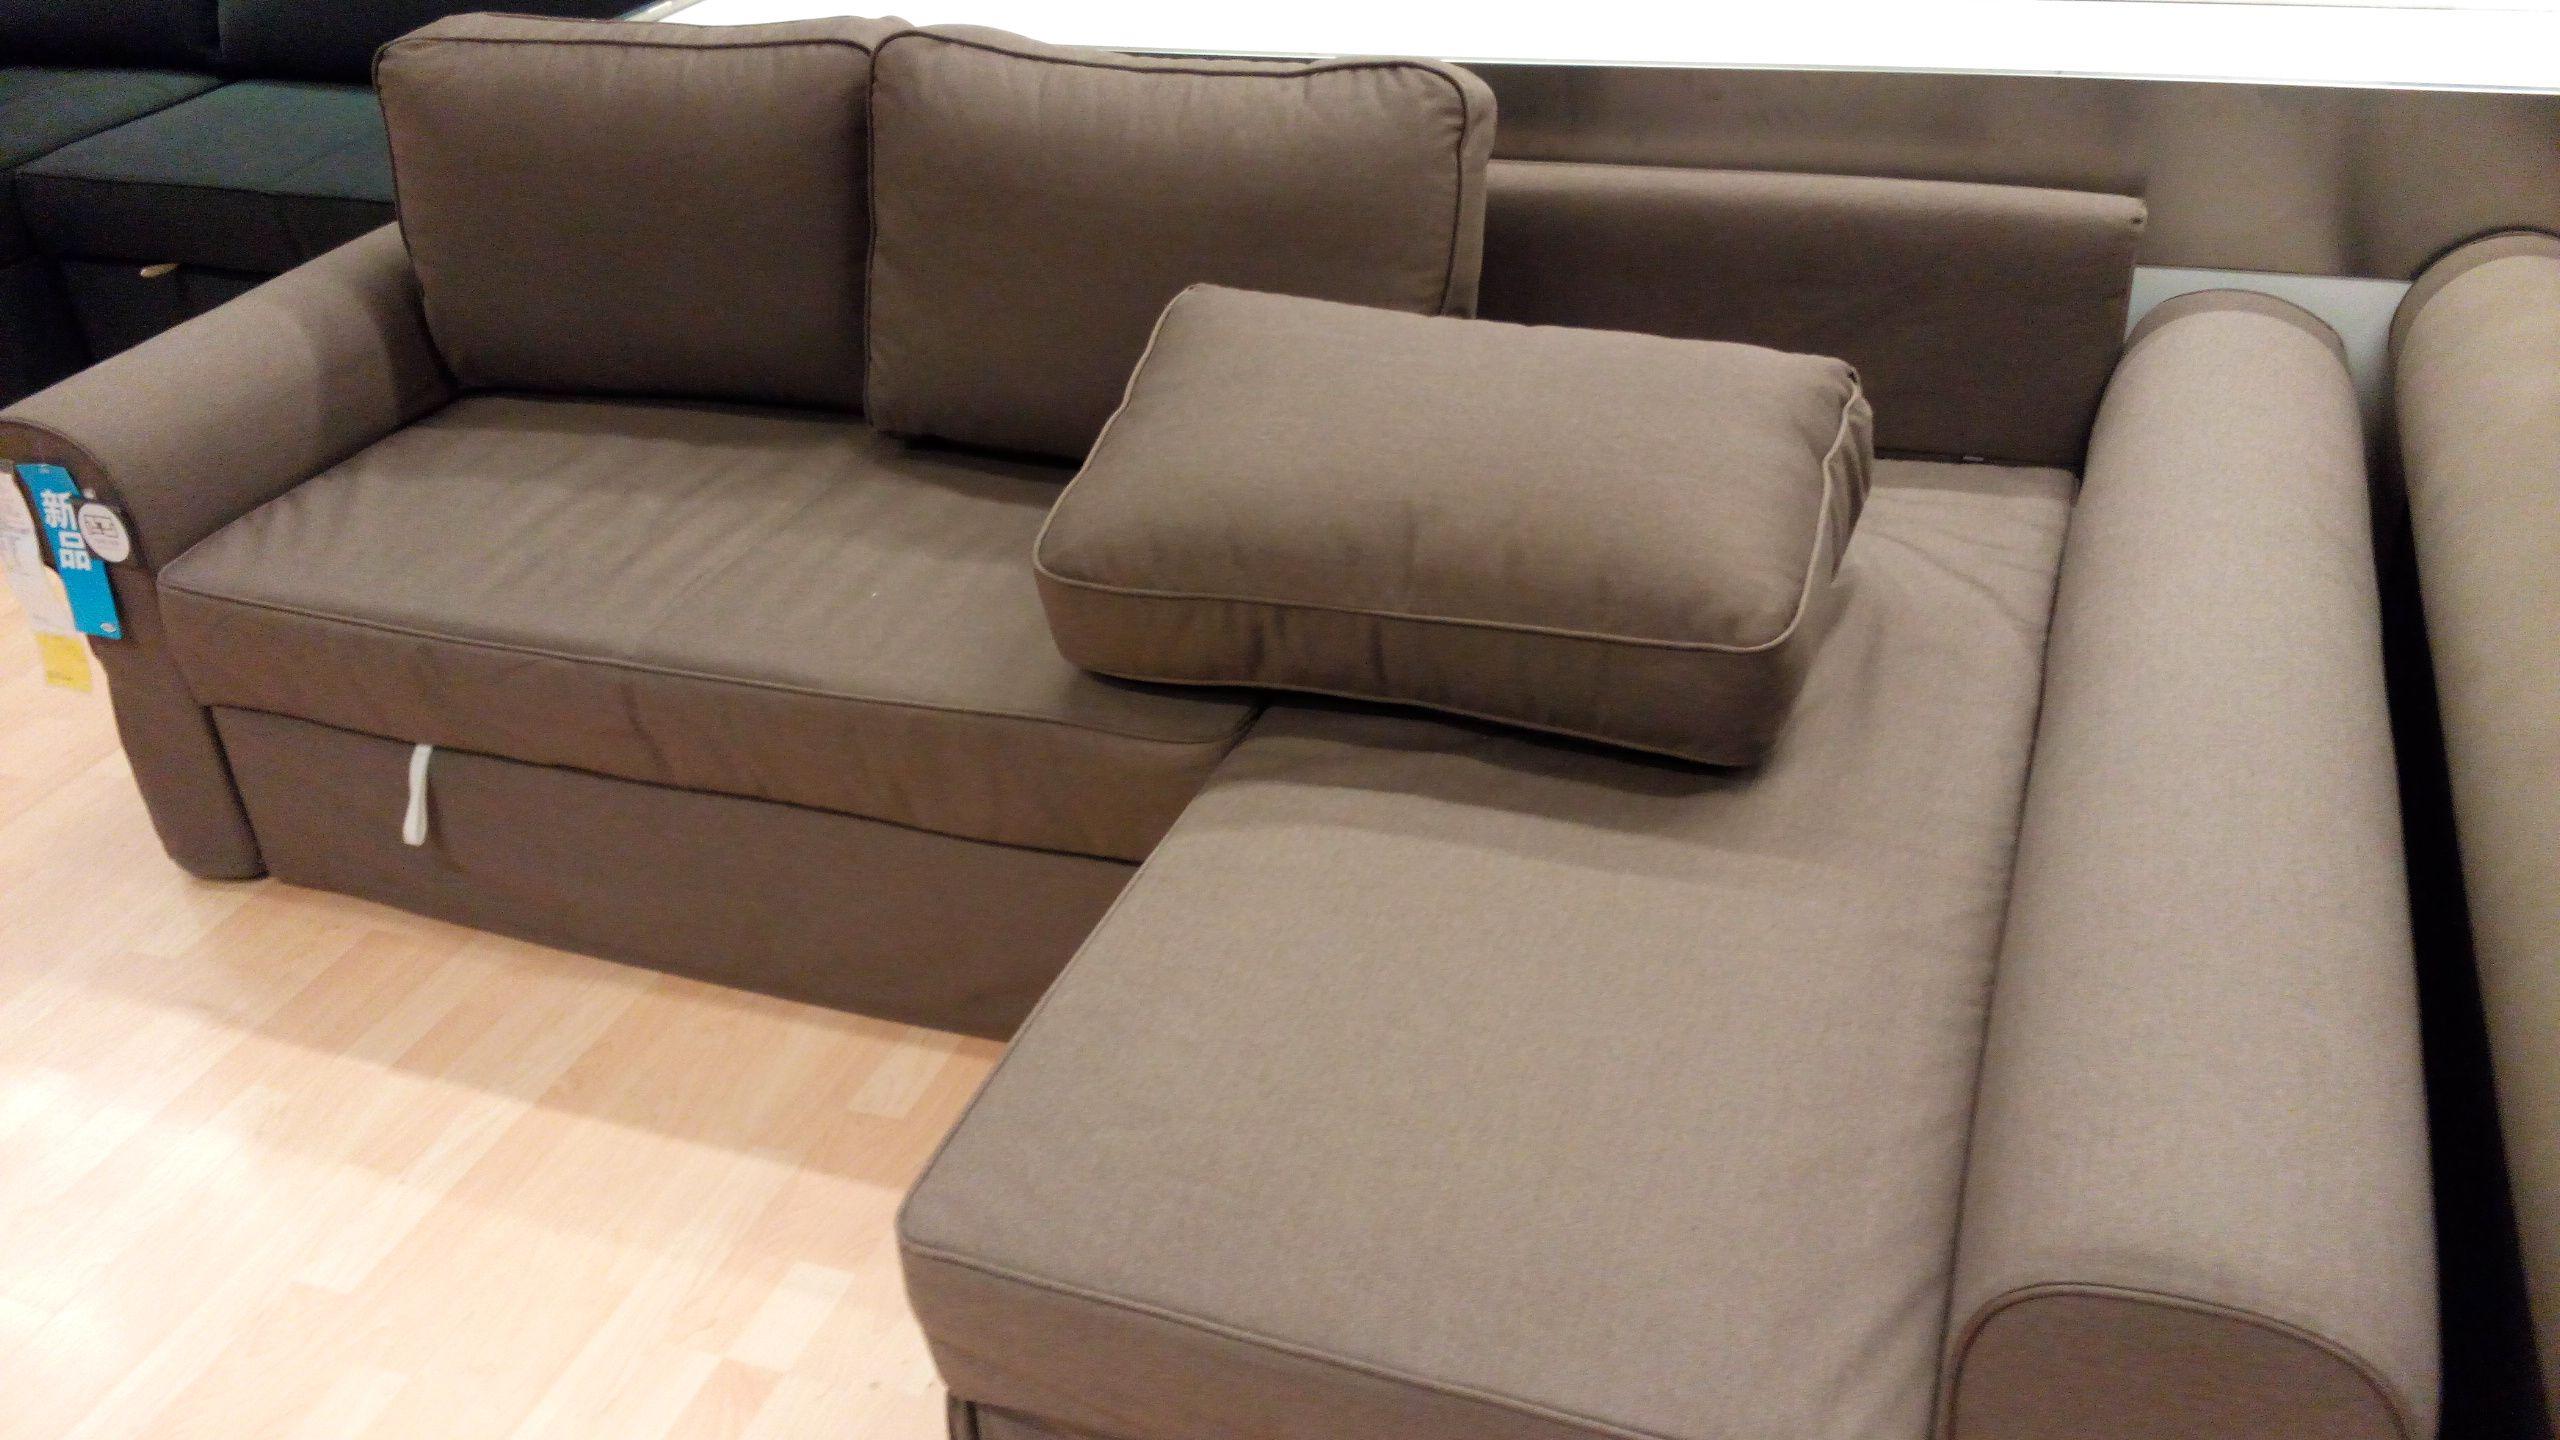 Nice Sofa Reviews Unique Sofa Reviews 37 Sofas And Couches Set With Sofa Reviews Http Sofascouch Com Sofa Rev Ikea Sofa Bed Ikea Sofa Queen Size Sofa Bed